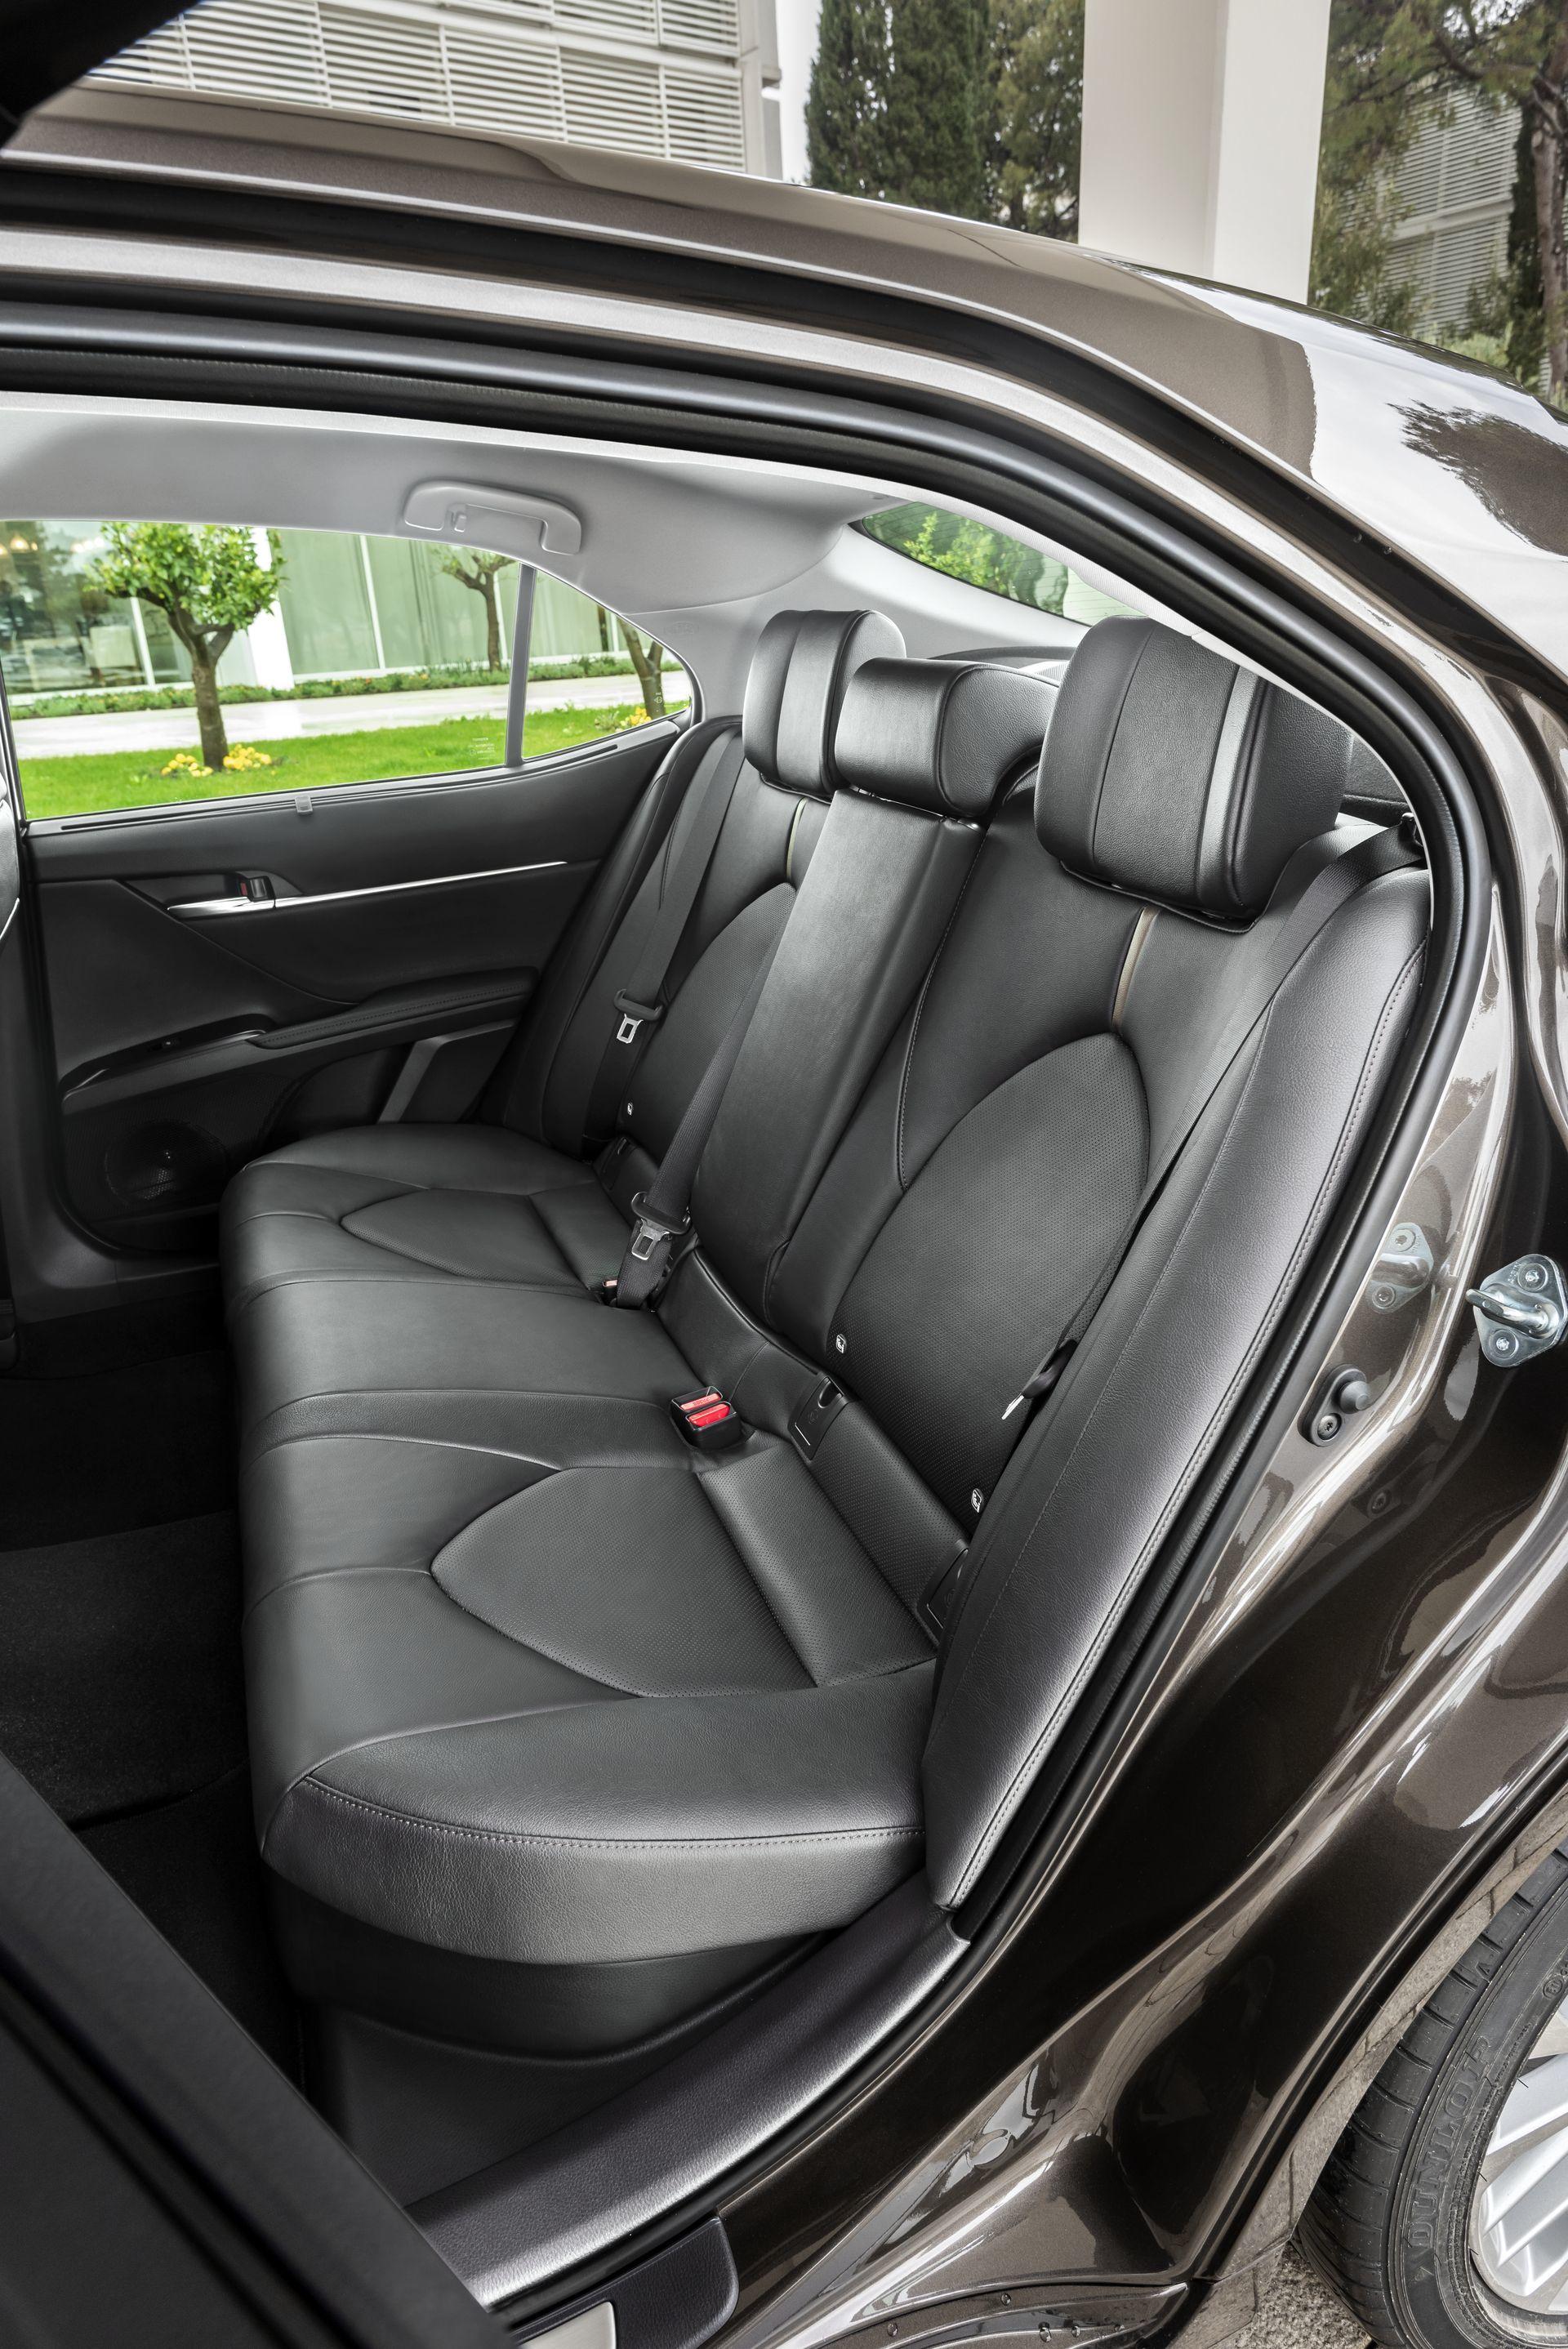 Toyota Camry Hybrid 2019 21